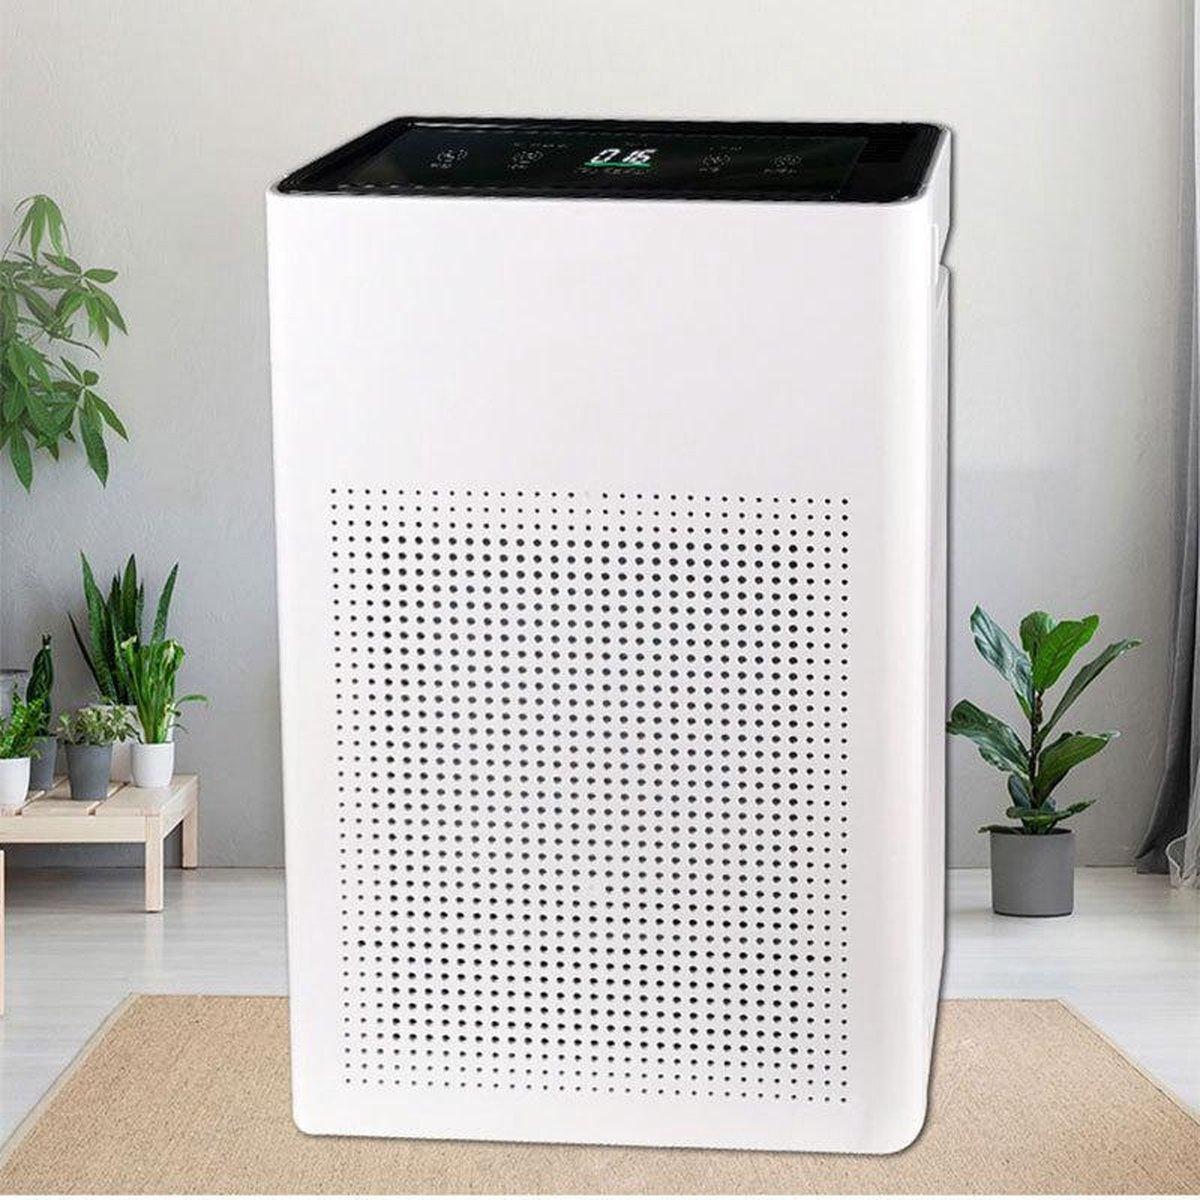 Pro-Care Luchtreiniger PM2.5, HEPA, IONEN Generator, 5 lagen filter, Wit 280m3h Intelligent Touch LCD bediening met afstandsbediening